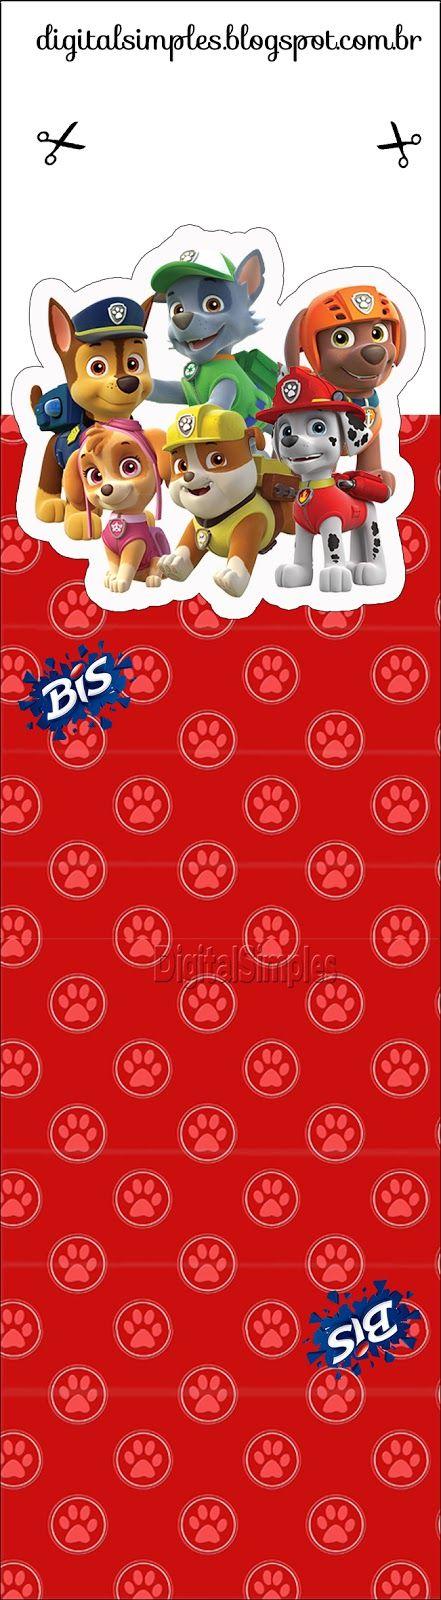 """A festa de Aniversário """"Patrulha Canina"""" já chegou no Blog, e está esperando por você! O Kit possui rótulos, caixinhas, convites, tudo gratuito,  da Patrulha Canina."""